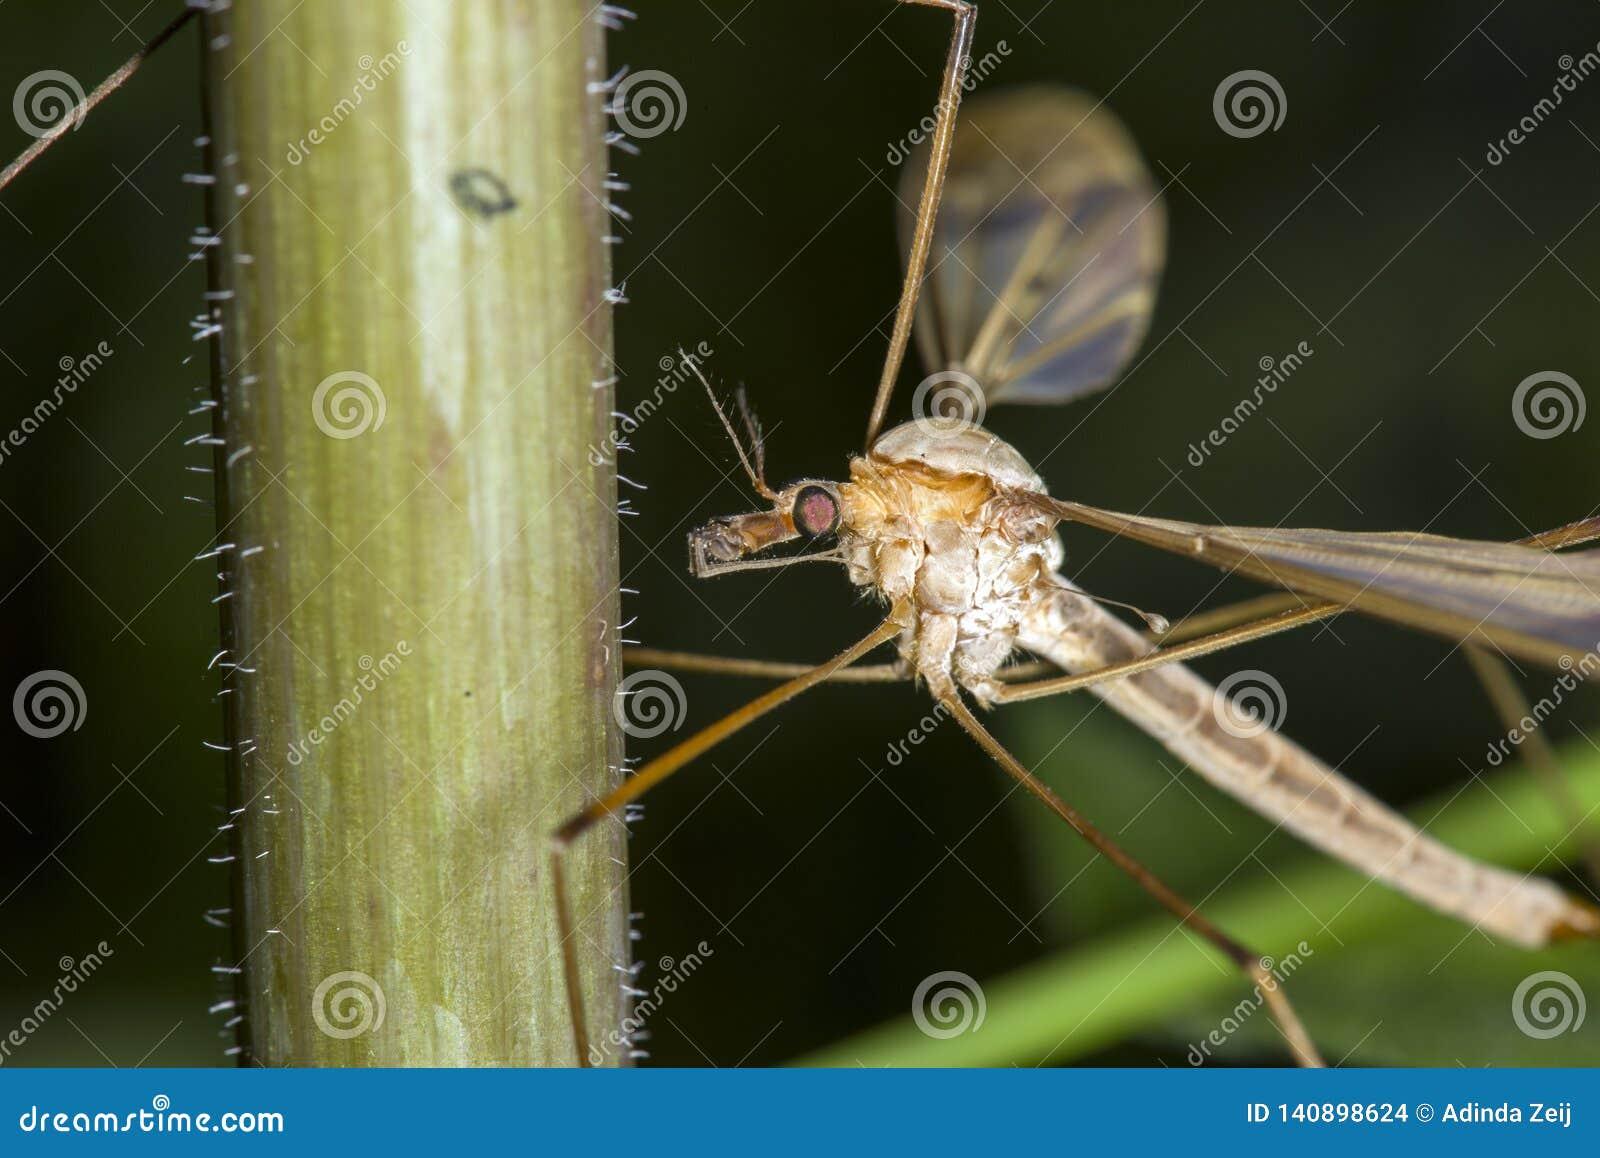 Macrobeeld van muggen op installatie